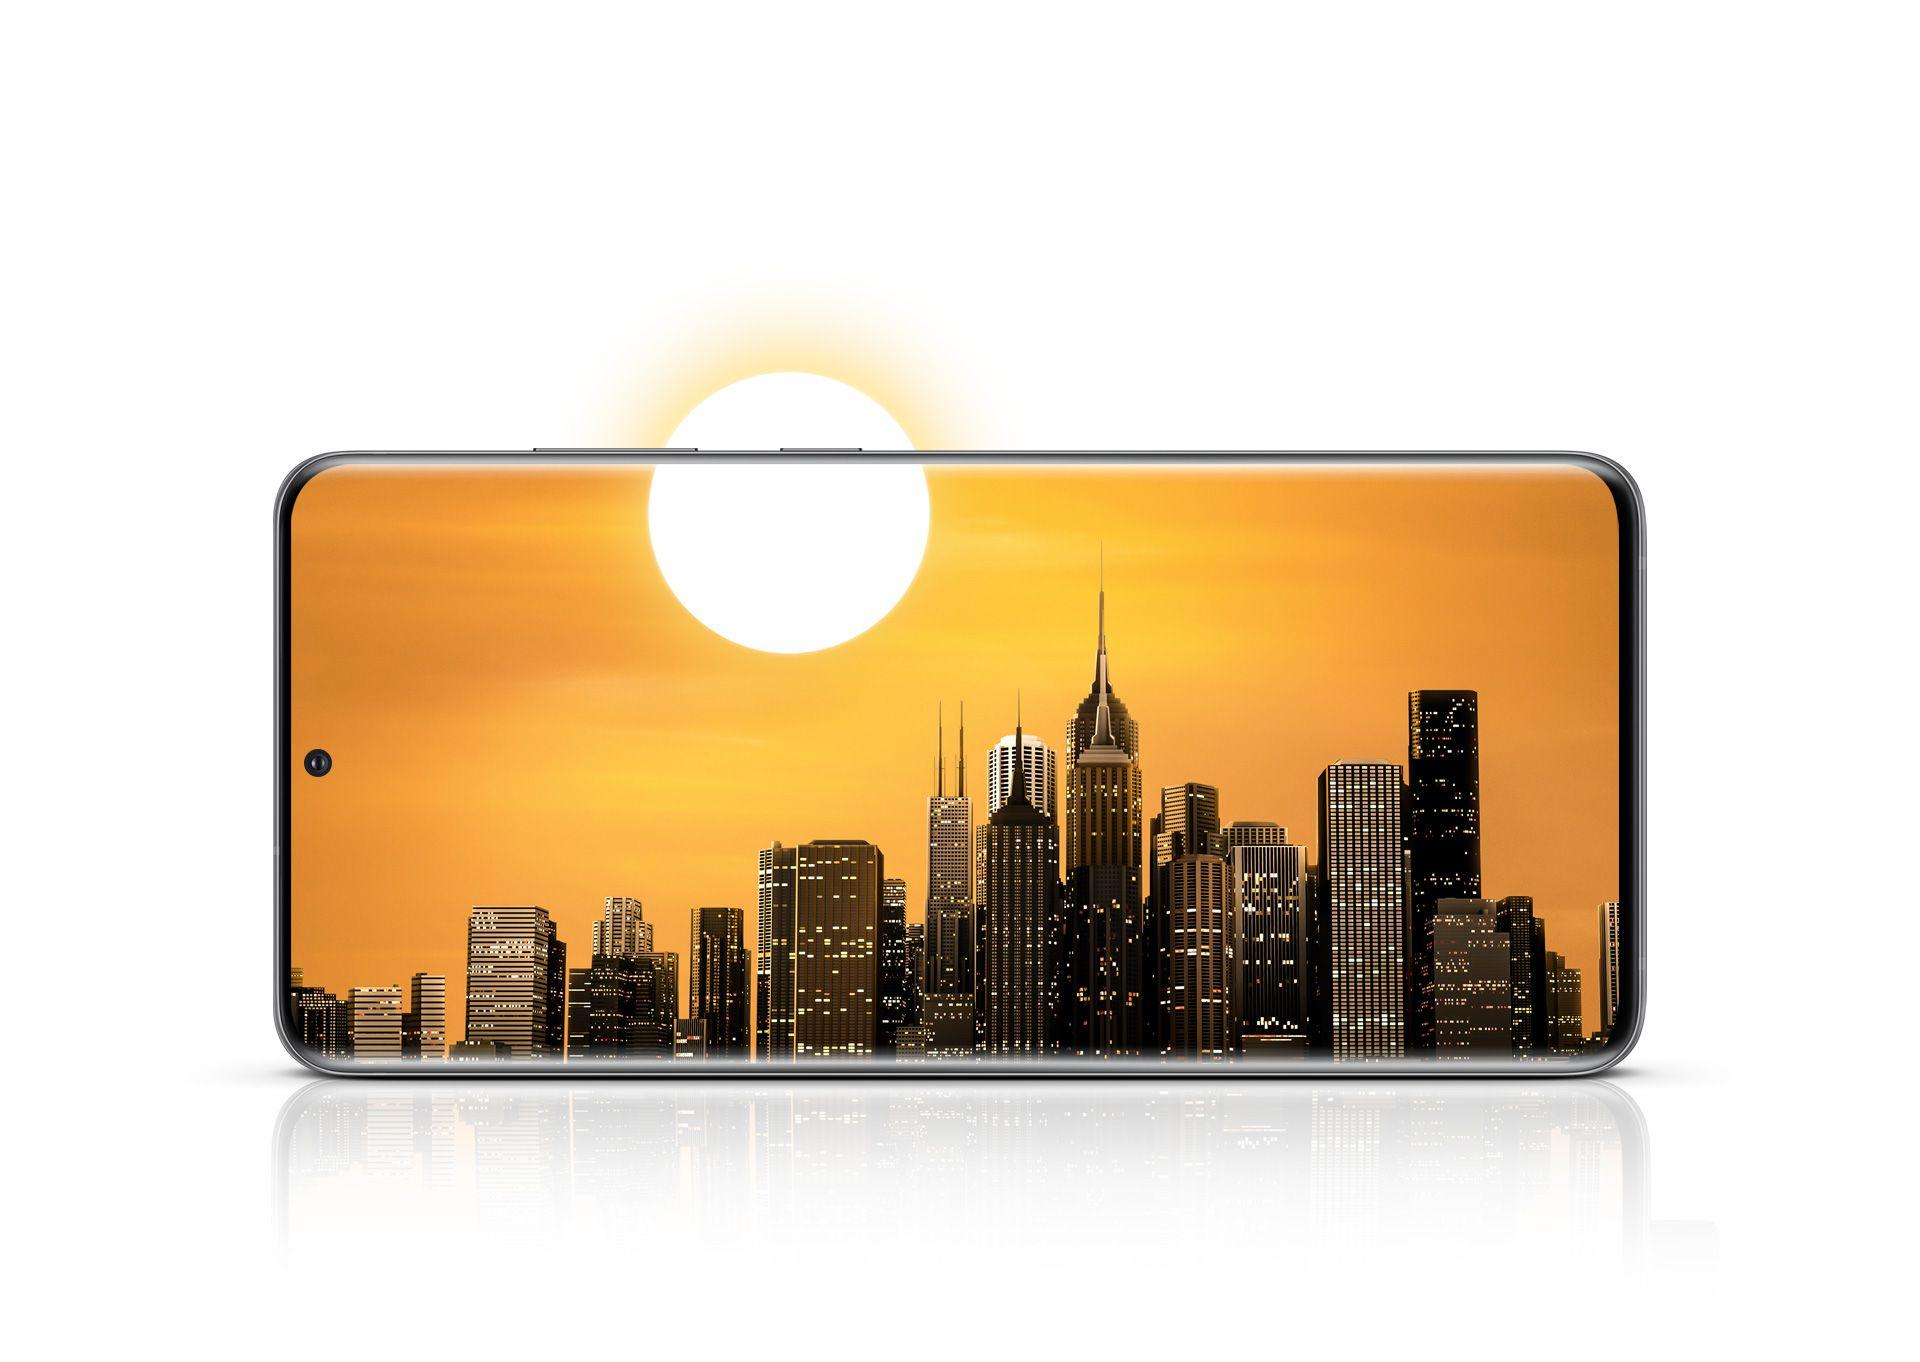 Galaxy S20 Ultra 5G с лицевой стороны в альбомной ориентации с изображением городского пейзажа. Солнце частично видно на экране, а частично находится за его пределам. Это означает, что заряда батареи хватает на целый день работы с телефоном